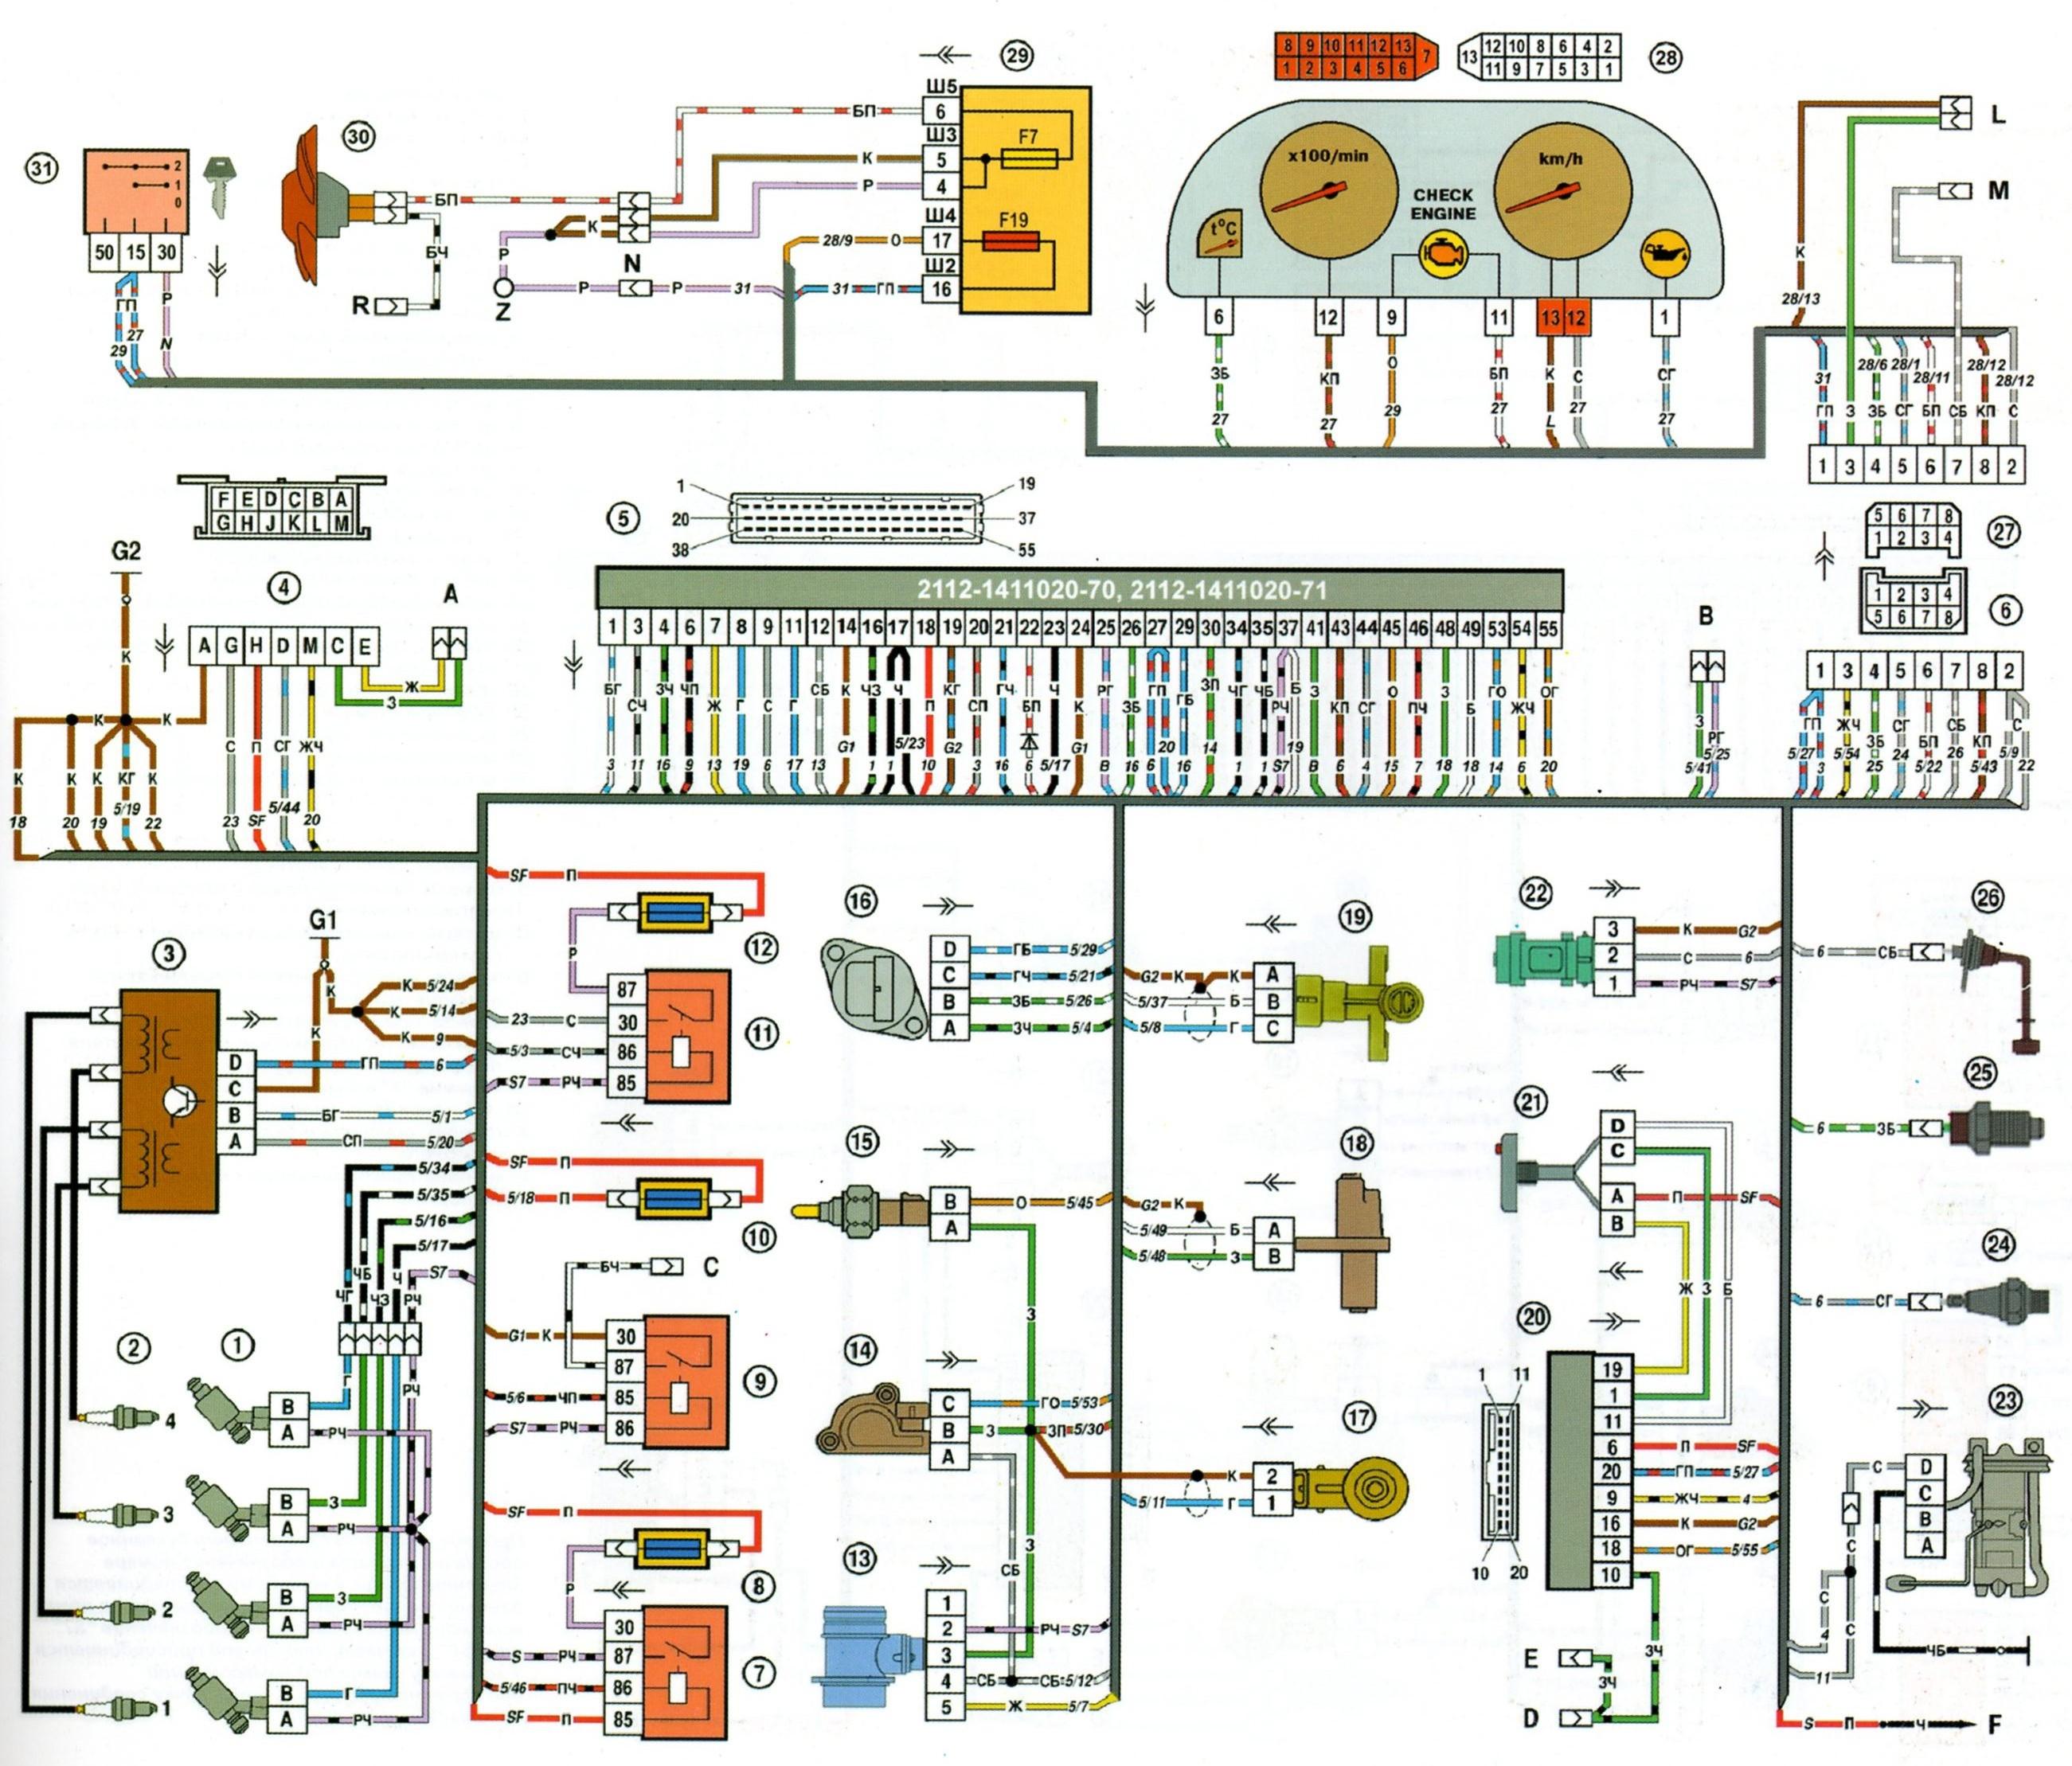 схема управления двигателями 1,6i евро 2